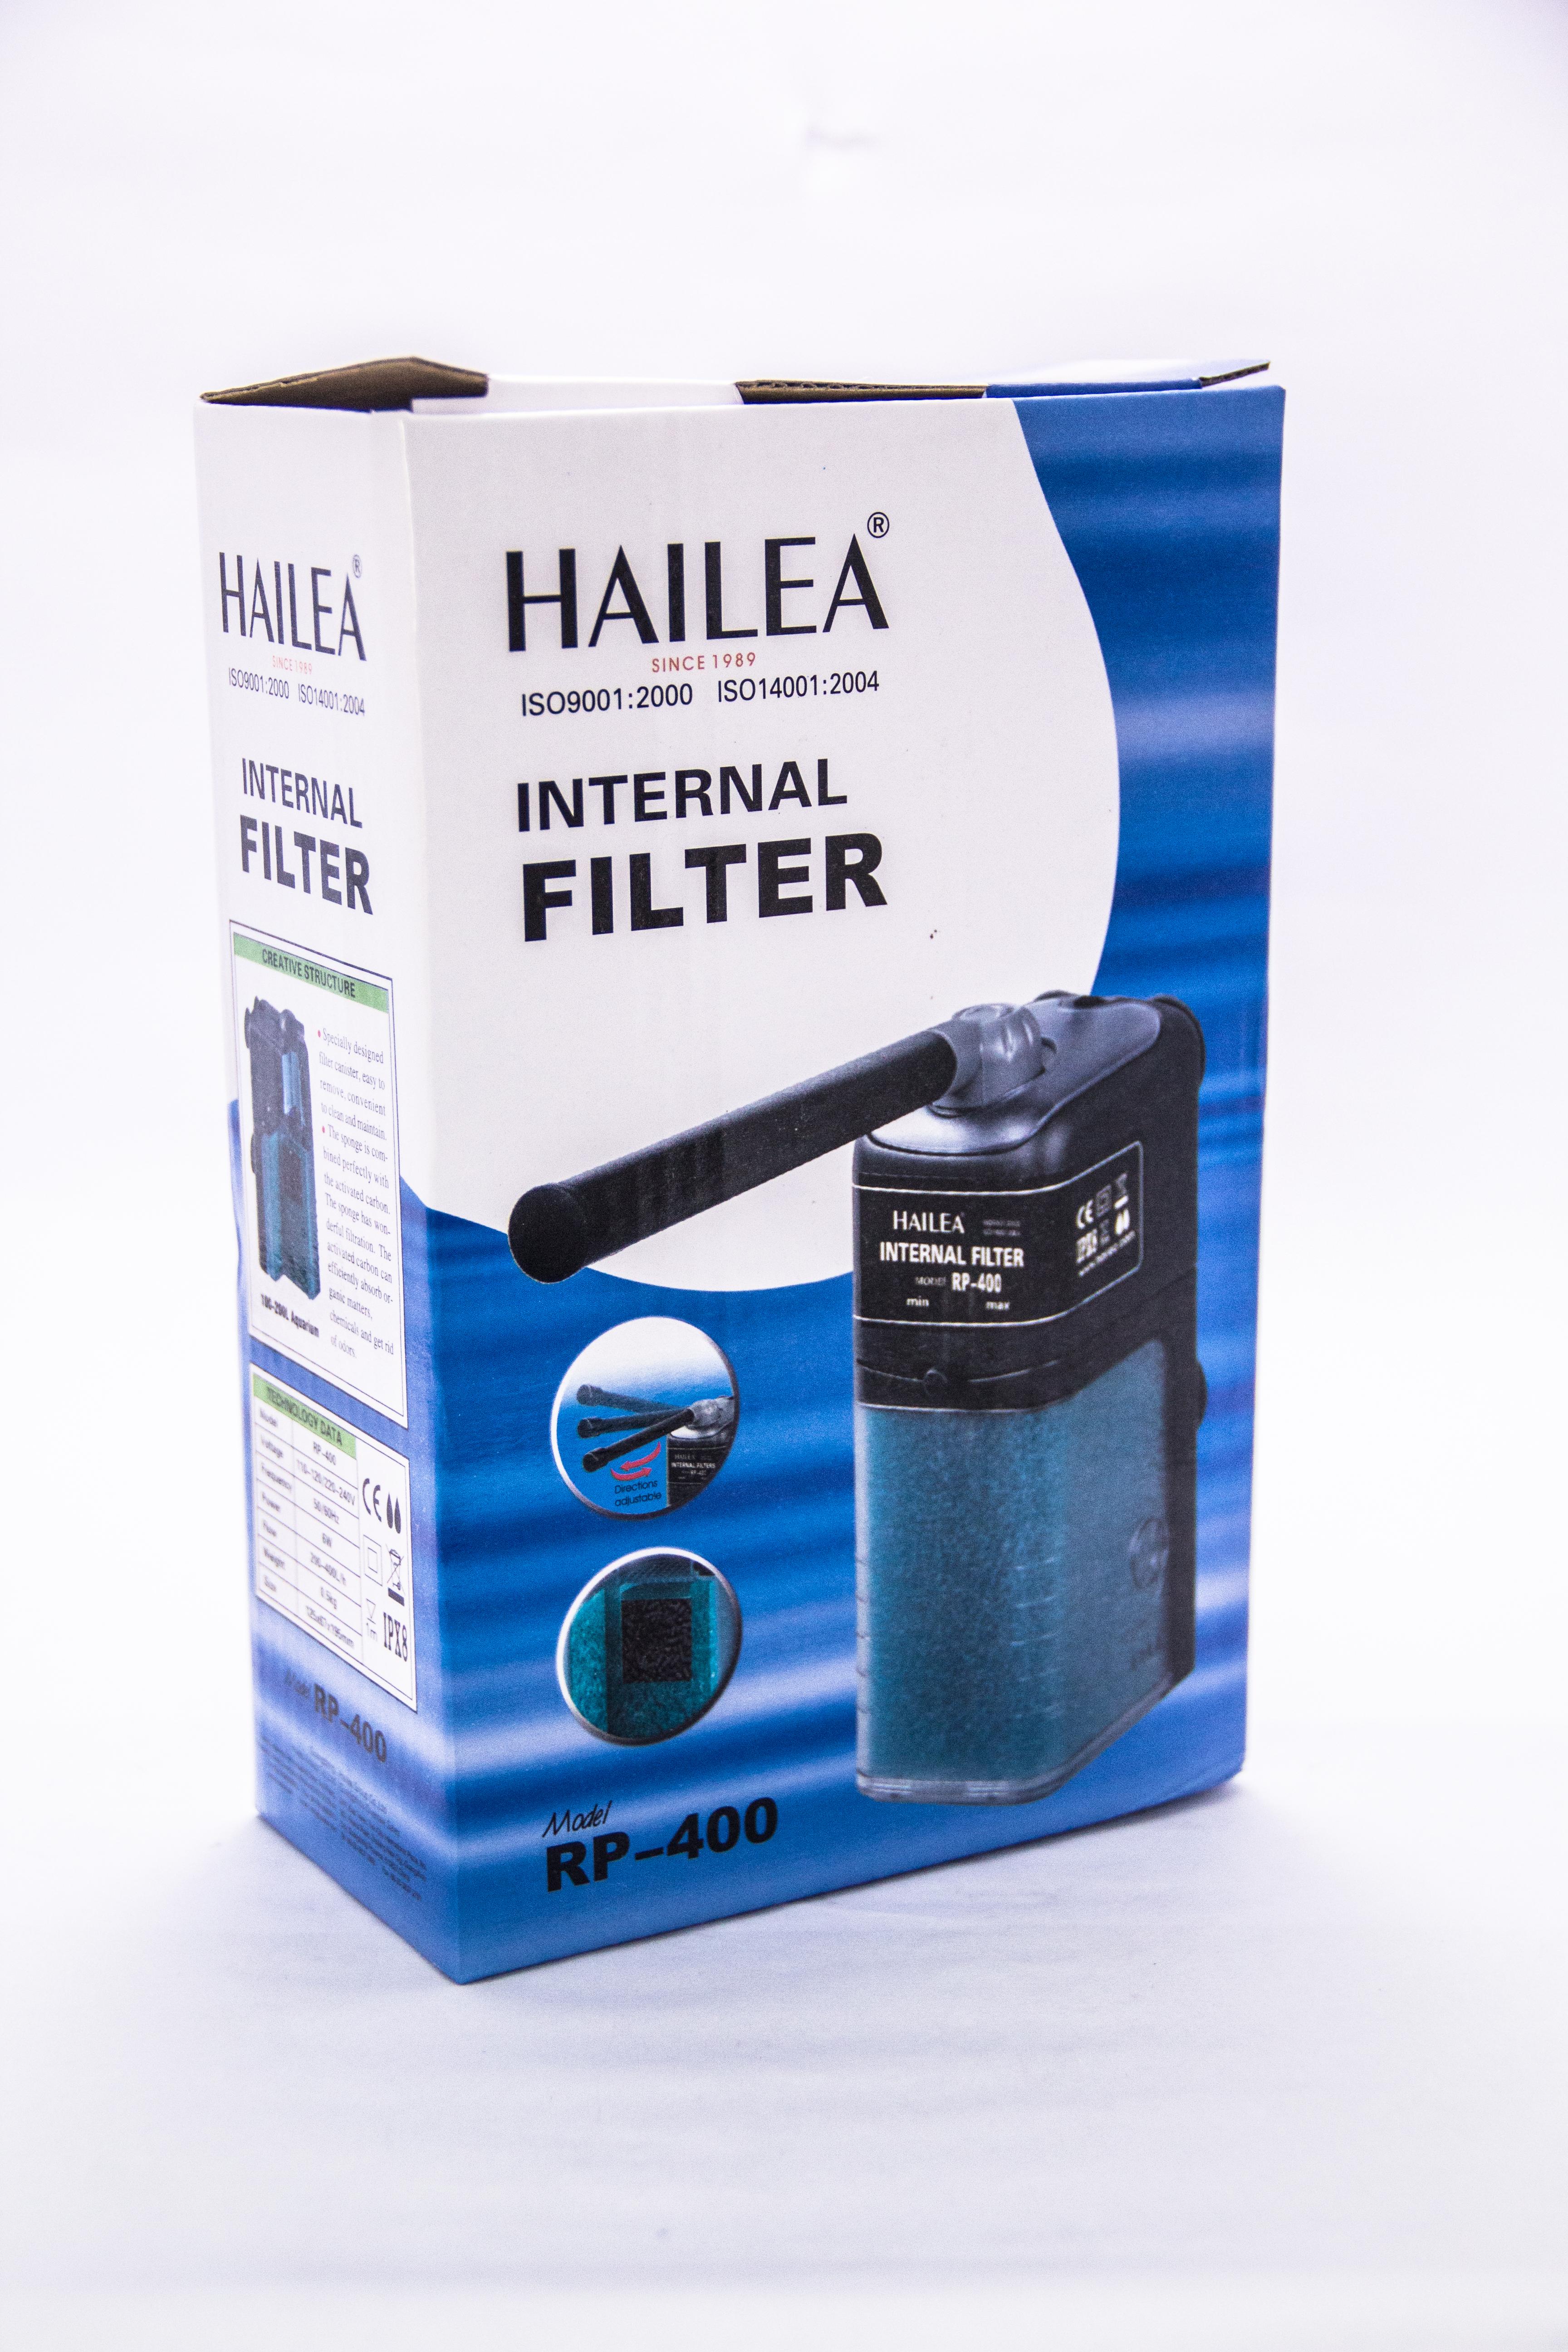 Hailea RP – 400